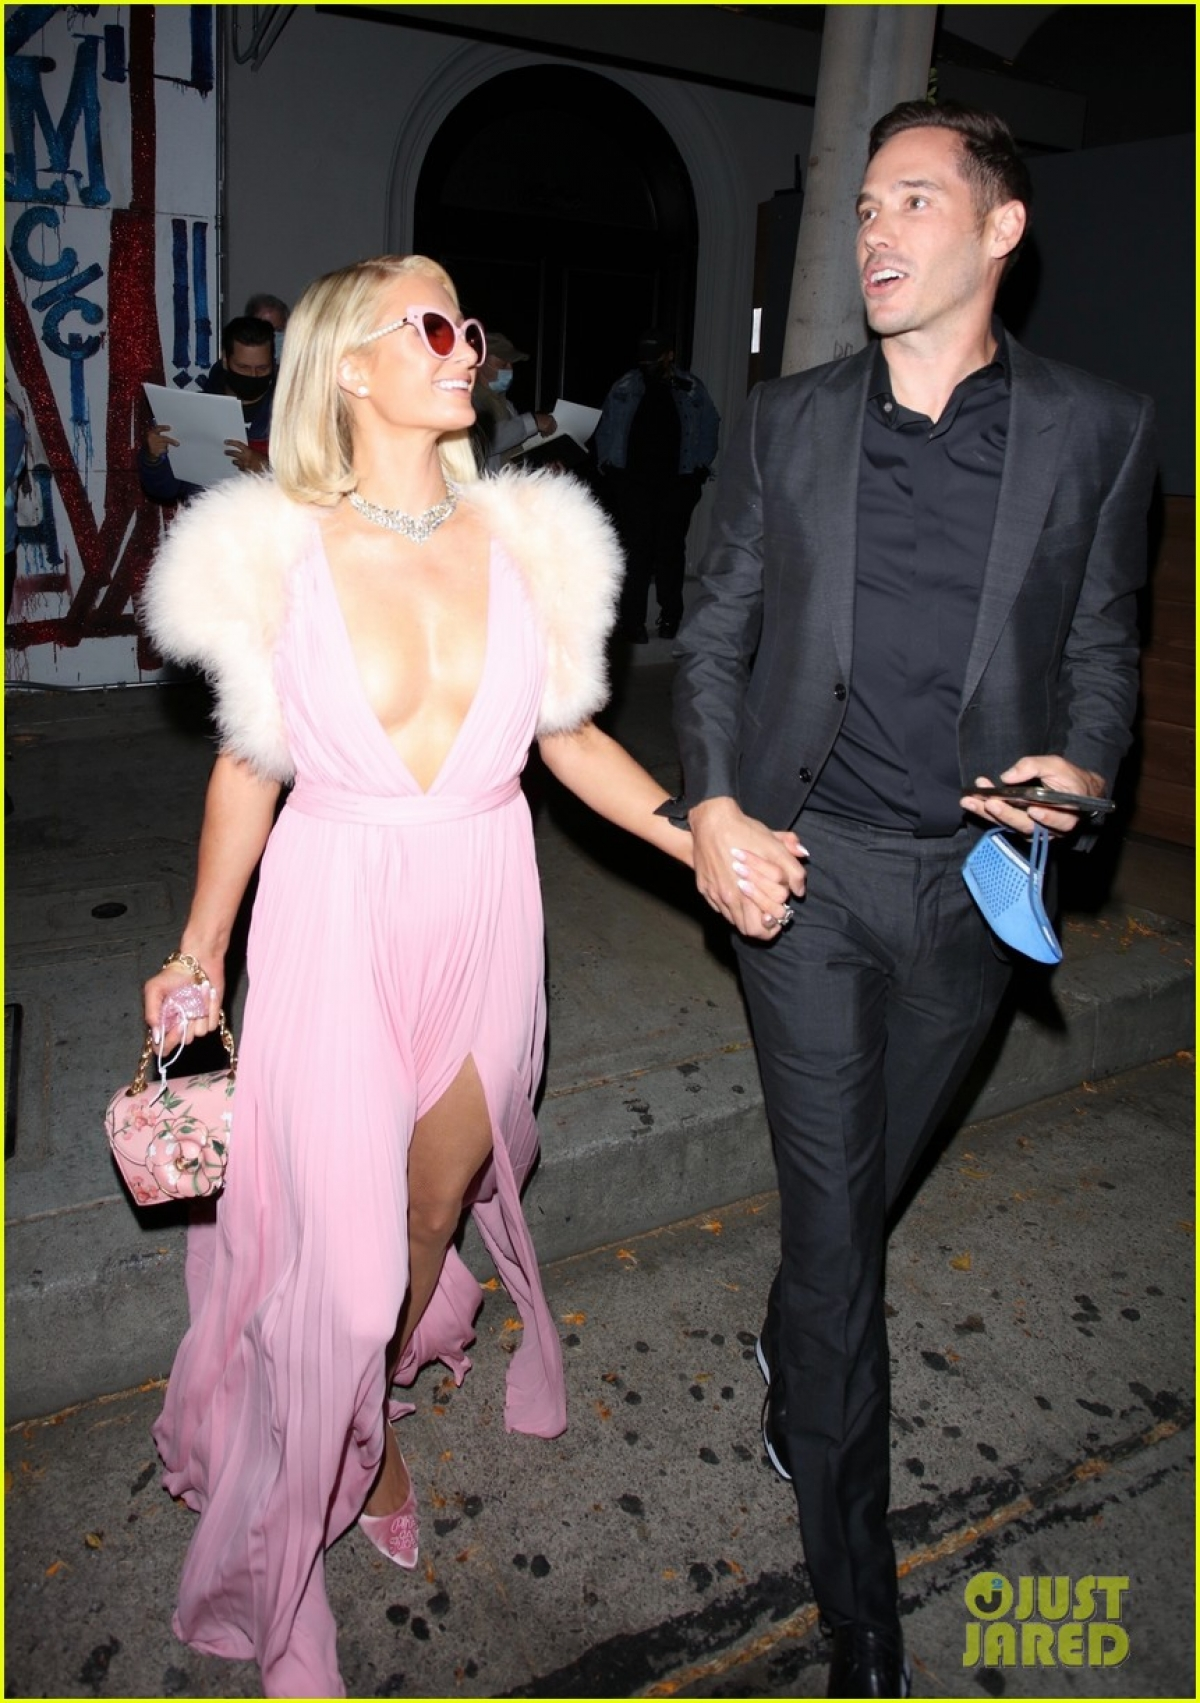 """Trong cuộc trò chuyện mới đây trên kênh iHeartRadio, Paris Hilton đã thẳng thắn chia sẻ về cuộc sống hiện tại của mình cũng như chuyện tình cảm với Carter Reum sau khi đính hôn. Trước câu hỏi, """"Cả hai có dự định tổ chức đám cưới sau khi đính hôn hay không"""", DJ 40 tuổi cho biết, """"Chắc chắn rồi, chúng tôi sẽ kết hôn""""."""